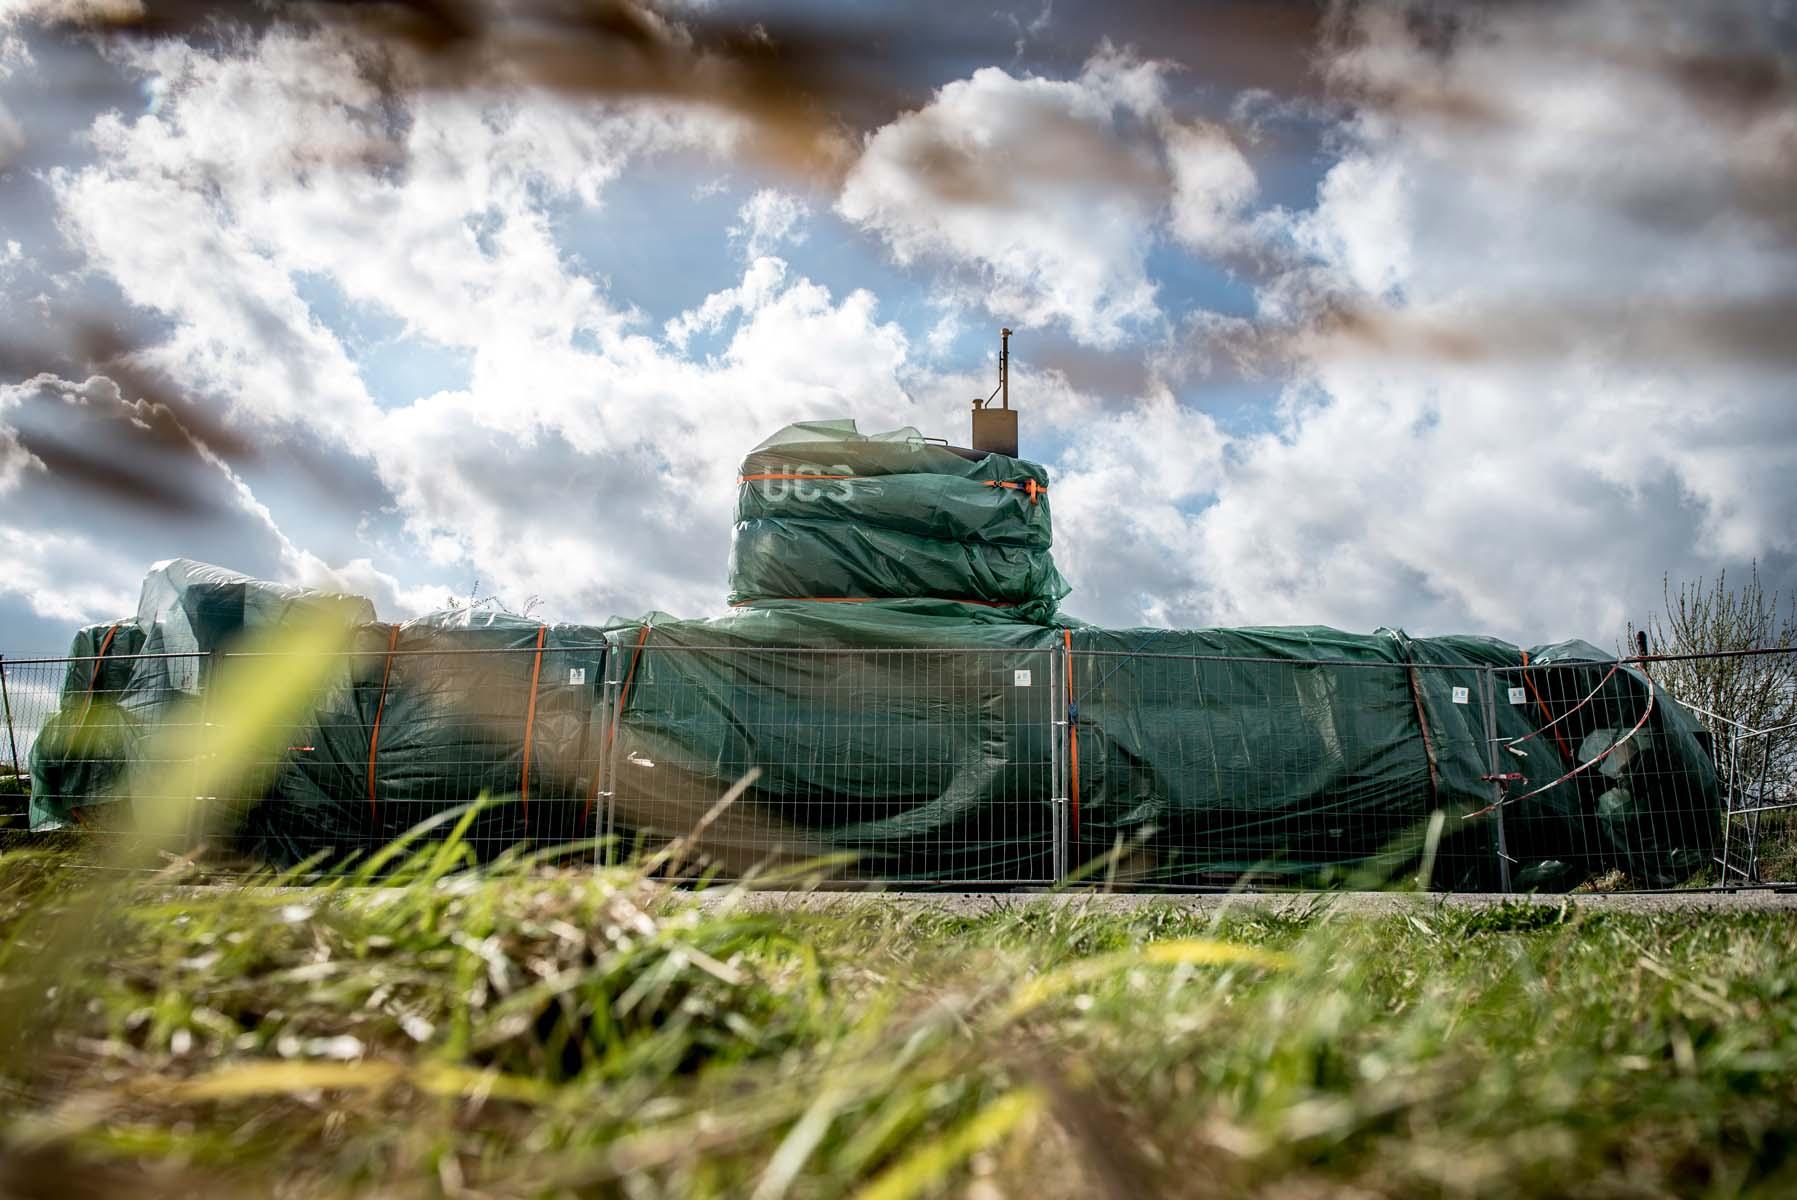 Υπόθεση Βαλ: Ο Χάνιμπαλ Λέκτερ της Δανίας και η δολοφονία-θρίλερ - Φωτογραφία 13